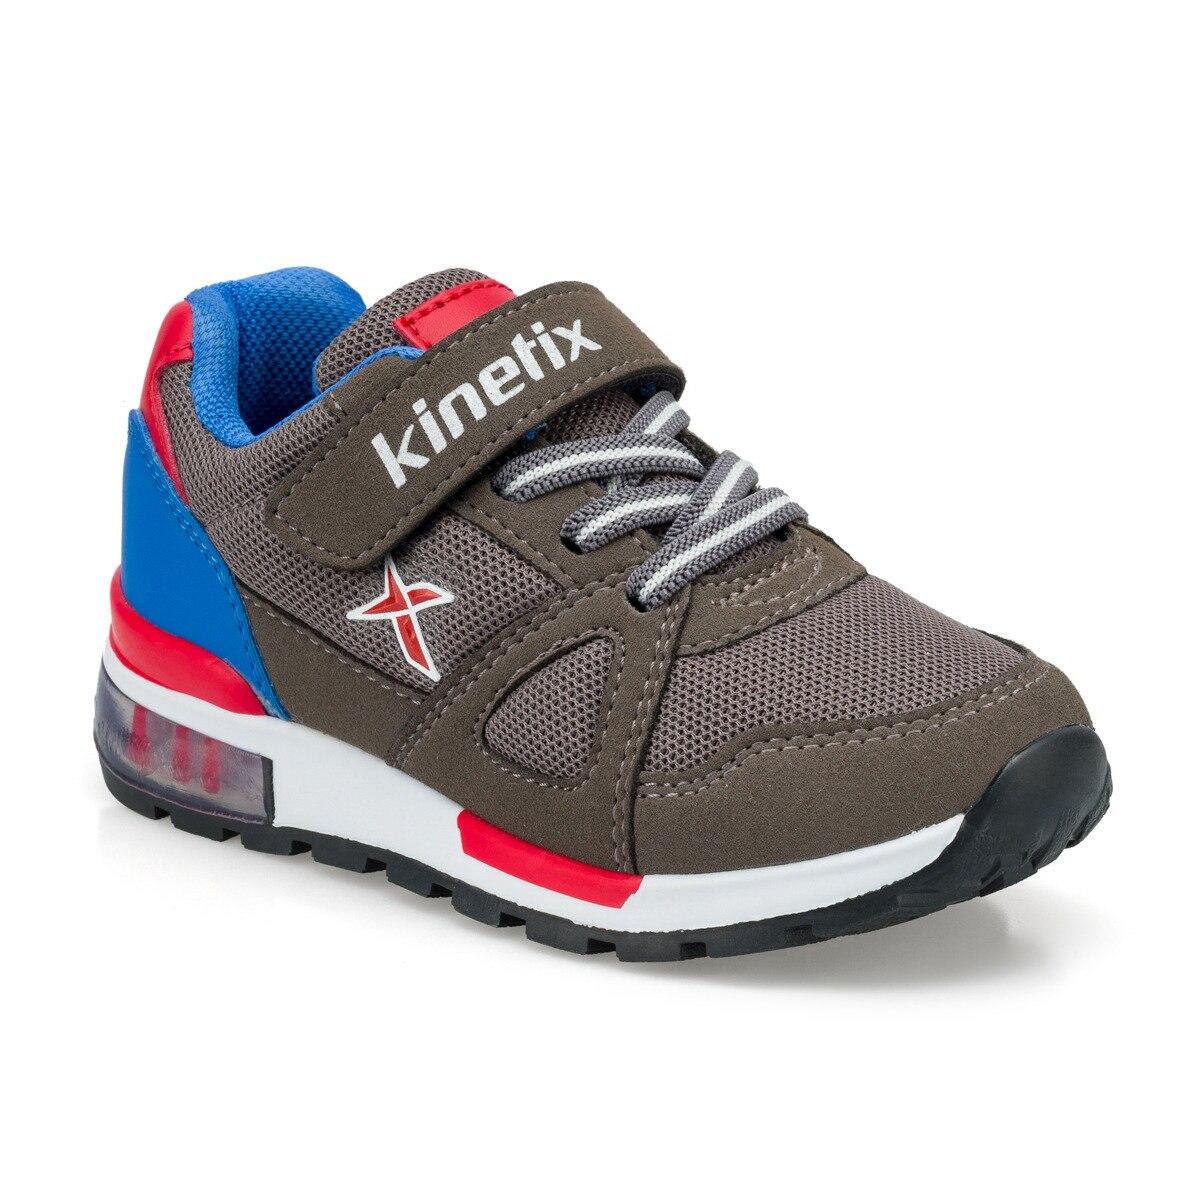 FLO RIVERO Black Male Child Hiking Shoes KINETIX